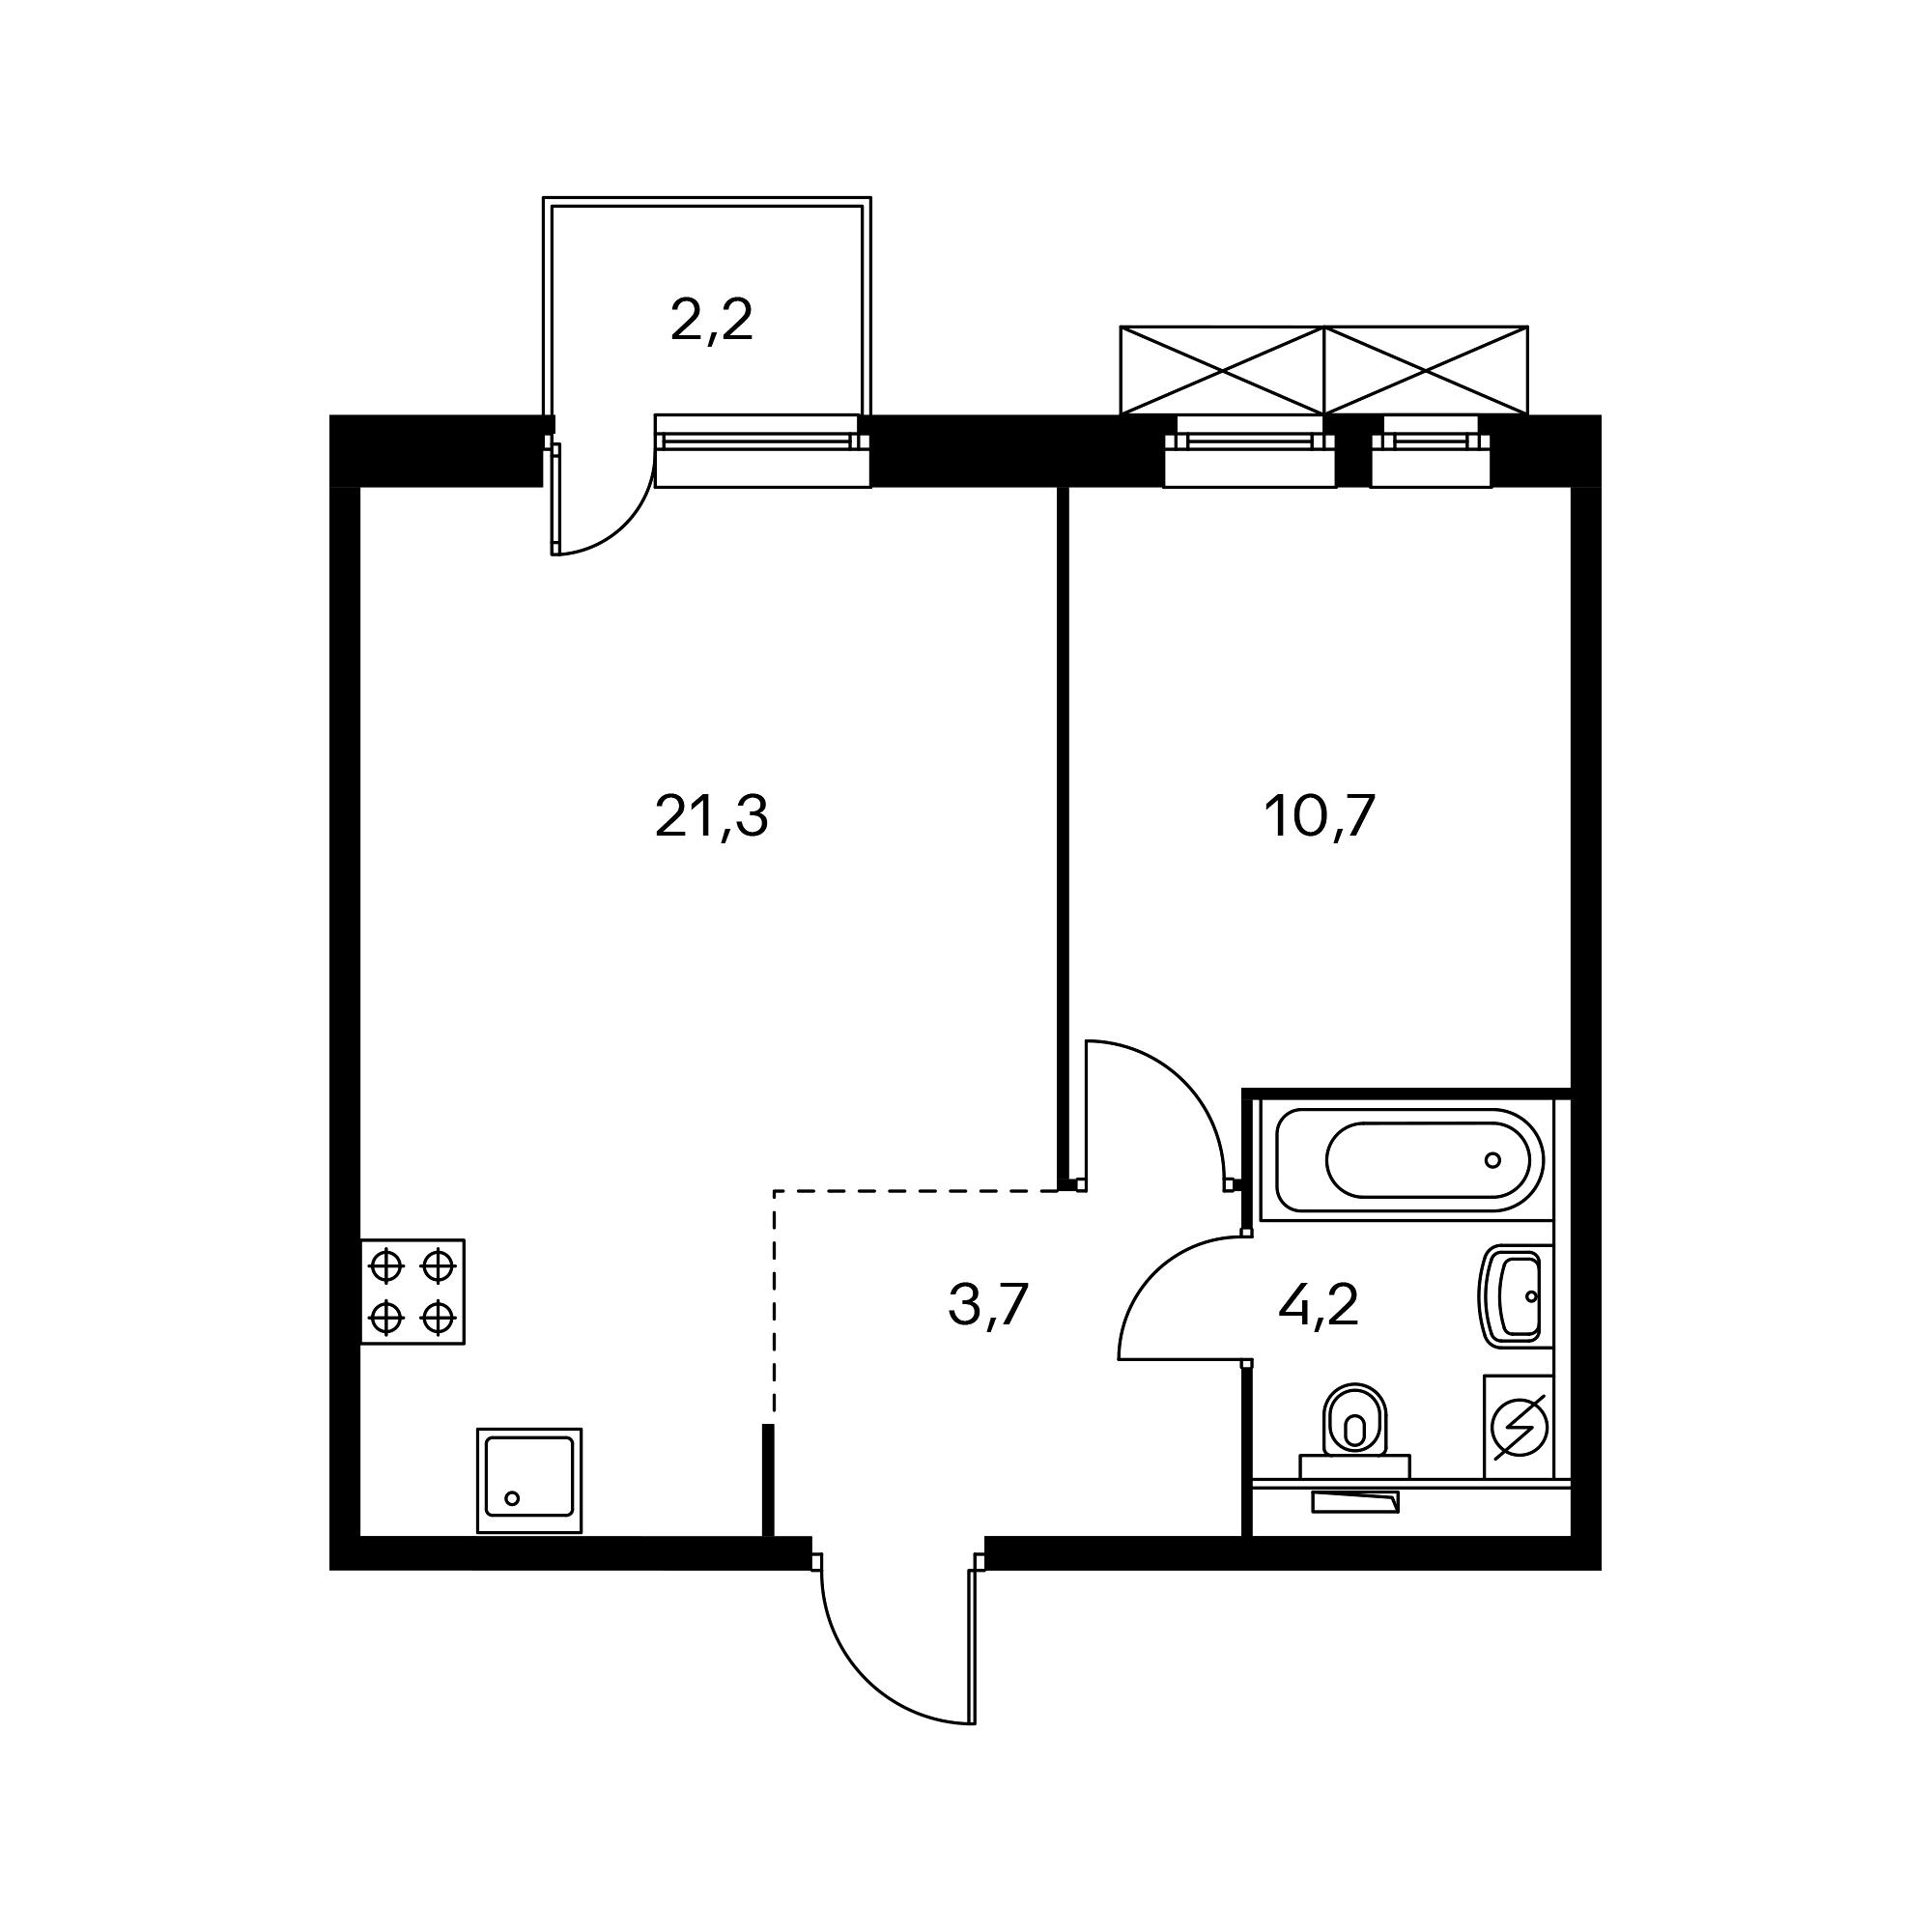 1EL4_7.2-2_S_AB